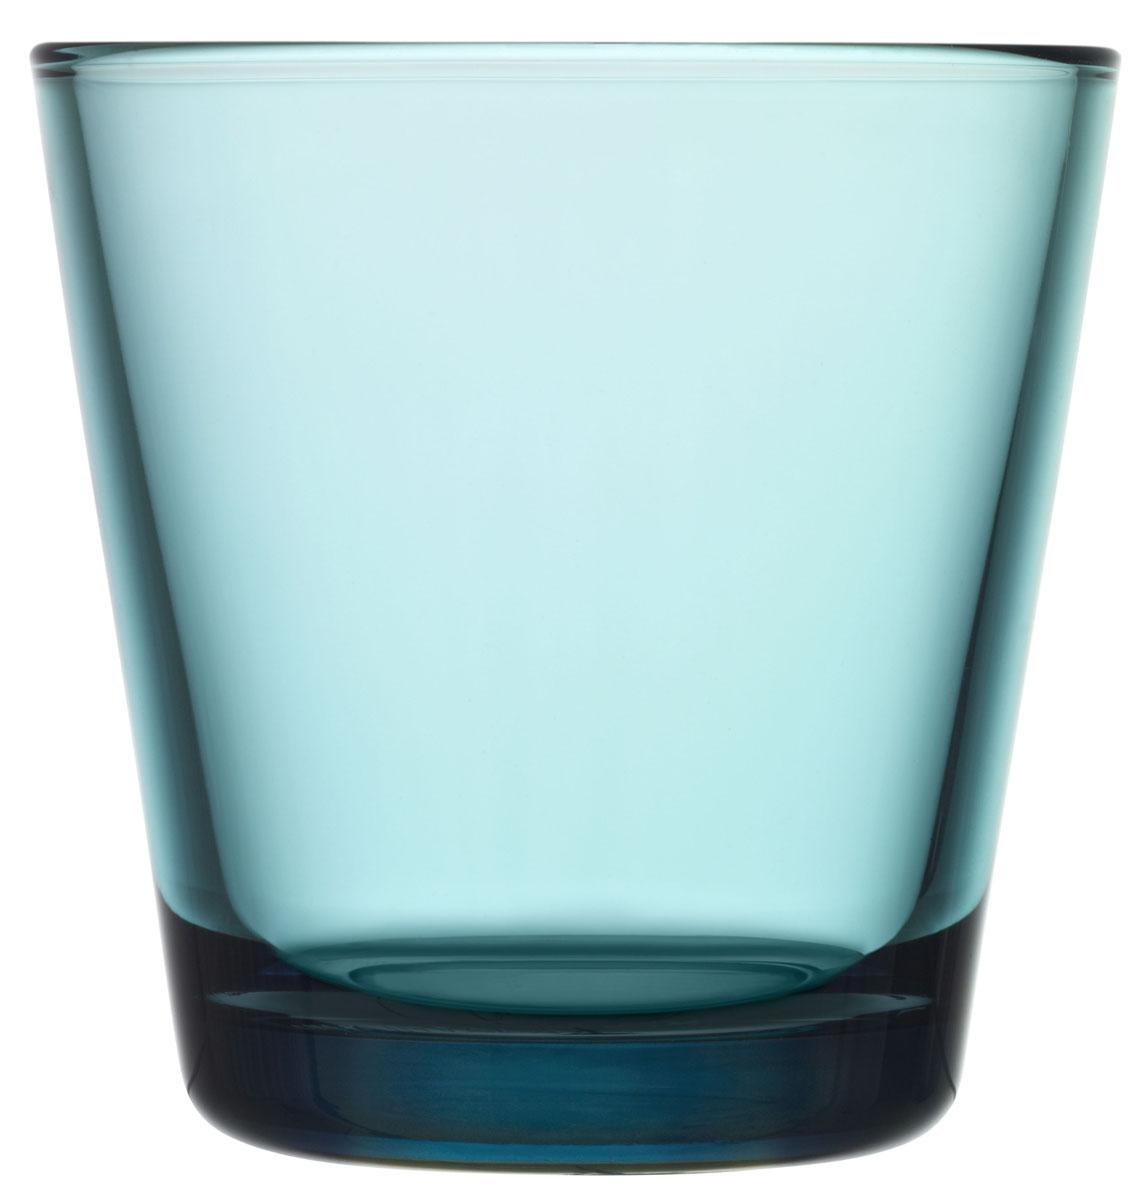 Набор стаканов Iittala Kartio, цвет: бирюзовый, 210 мл, 2 шт1008574Стаканы Iittala выполнены из высококачественного стекла. Изделия имеют удобную изящную форму, которая позволит им комфортно лежать в вашей руке. Дизайн стаканов будет радовать глаз. Легкий и прочный материал обеспечит сохранность изделия в течение многих лет.